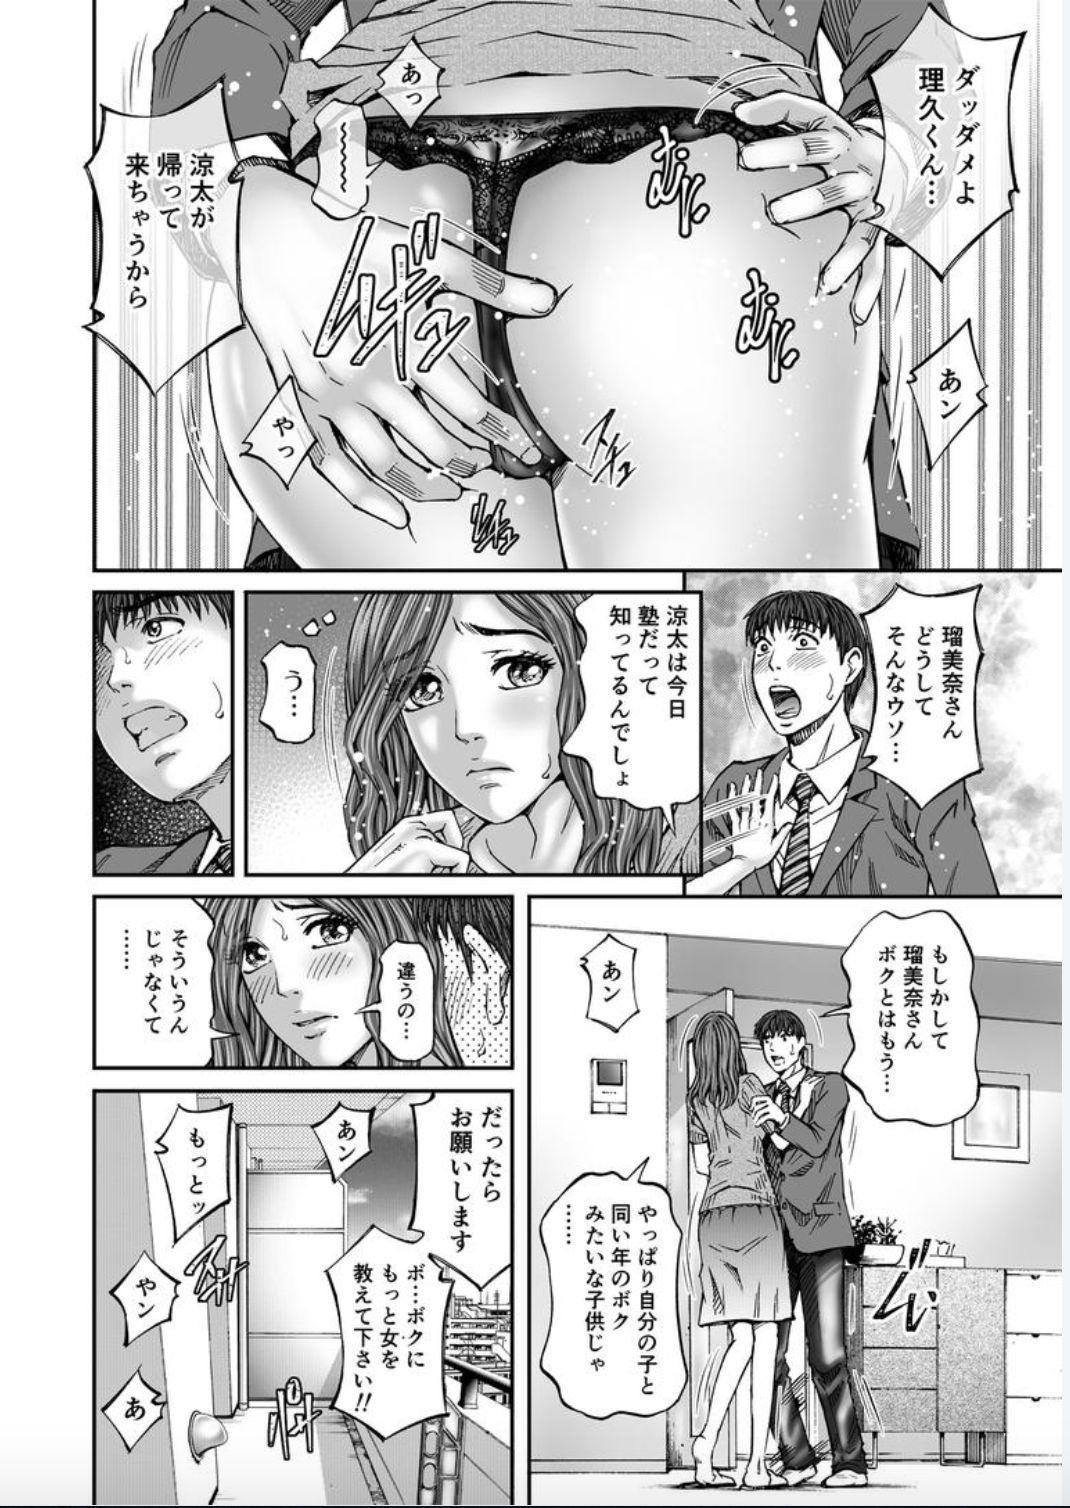 Seisyoku Dance Hitodzuma no chitsueki ni mamirete 1-2 80